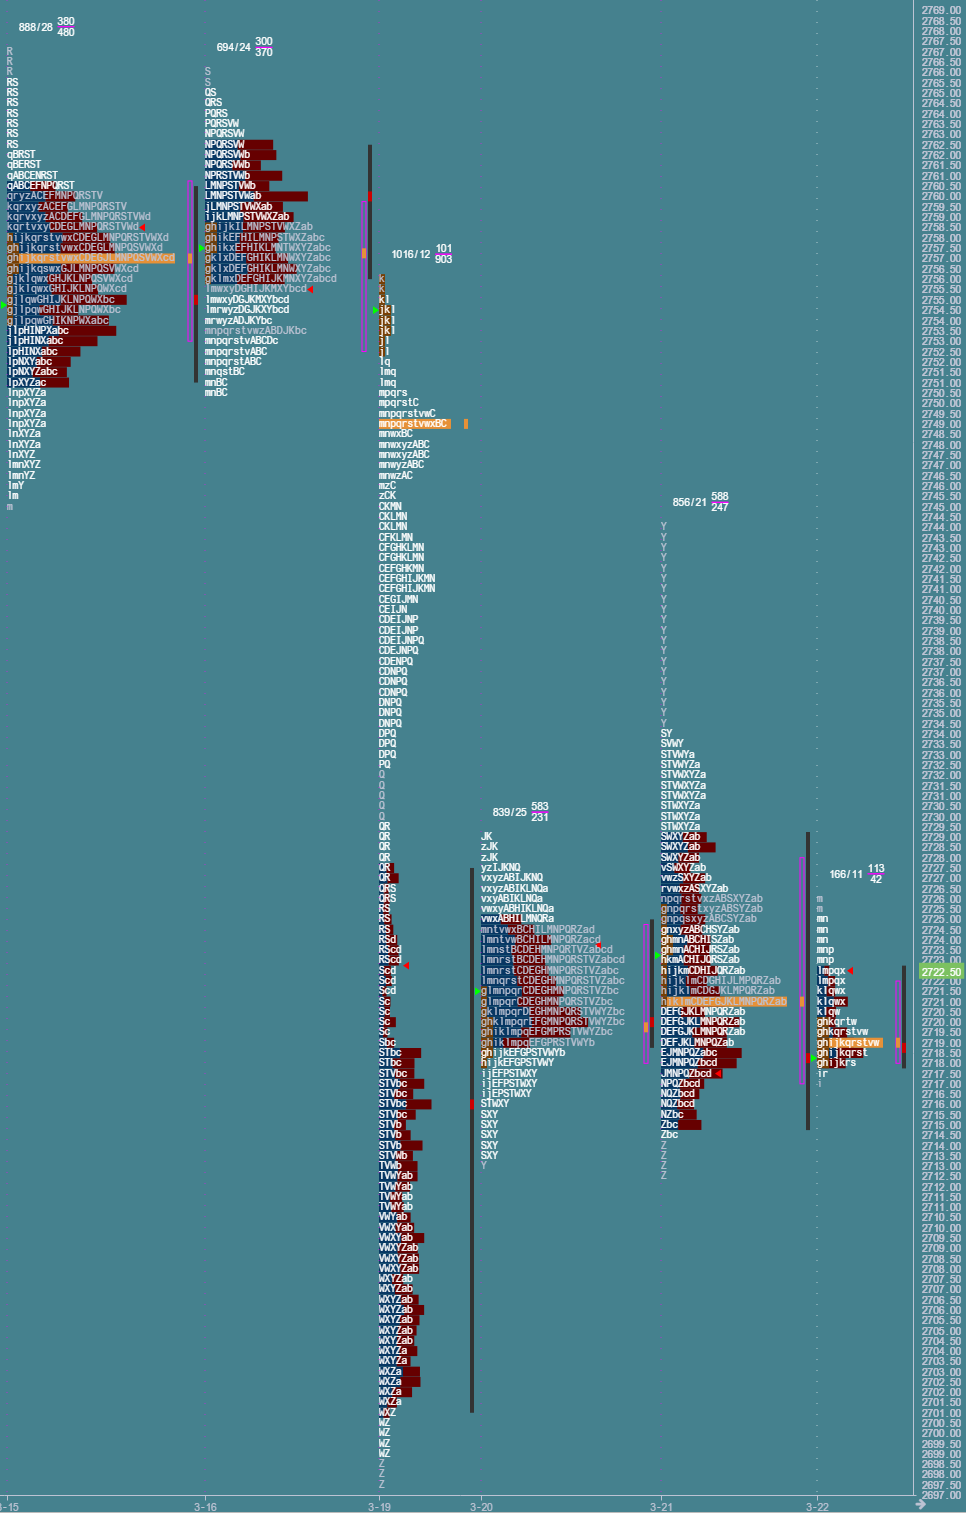 Przygotowane do sesji: market profile z 22 marca